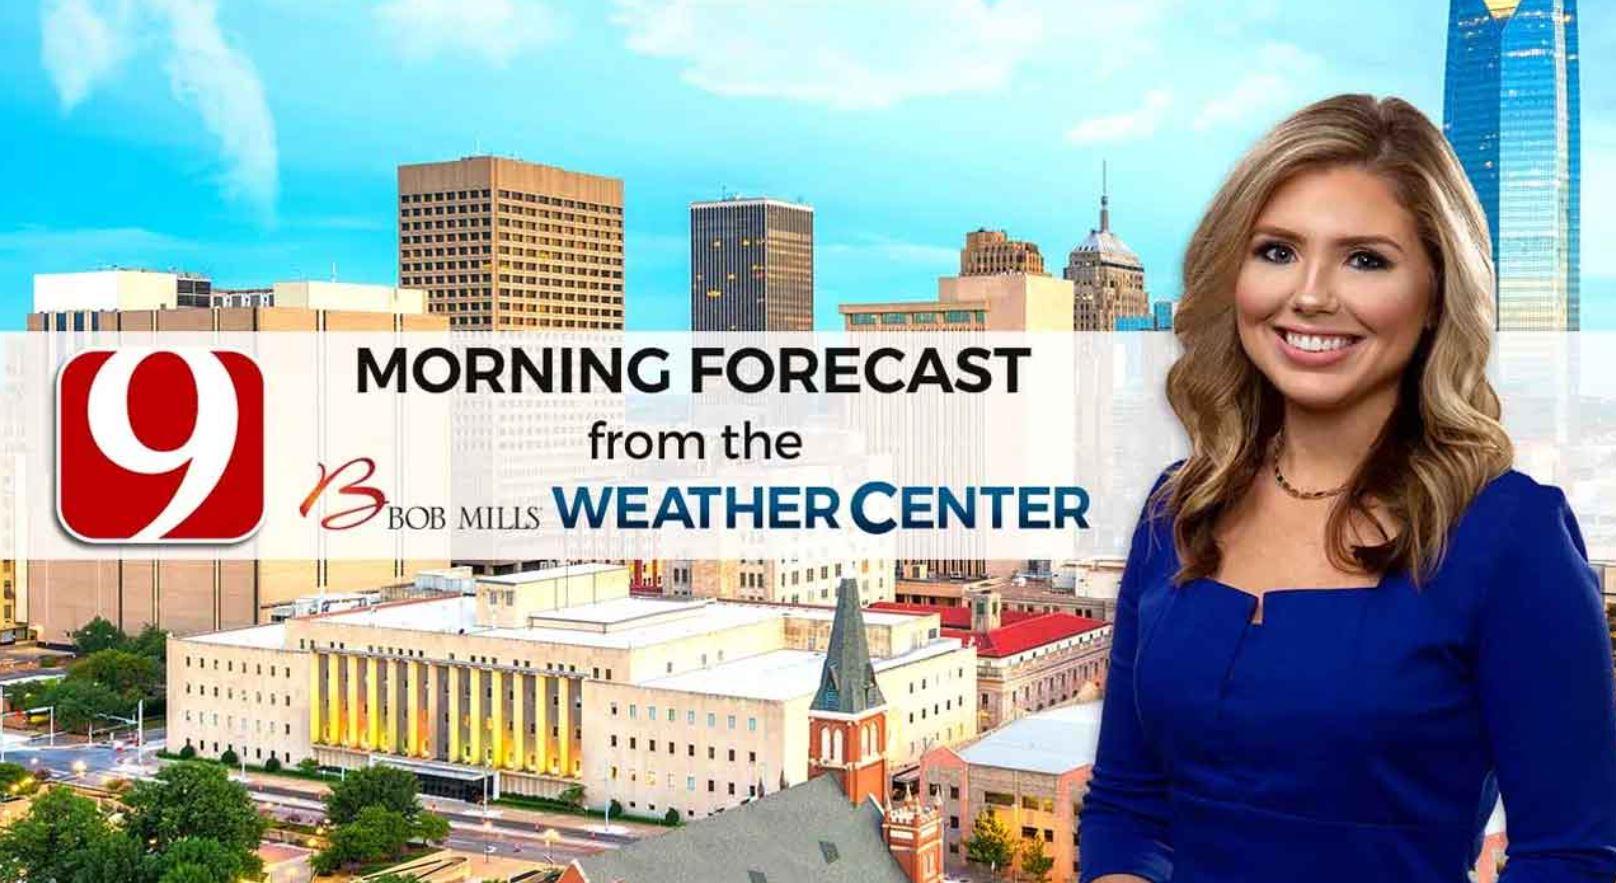 Cassie's 9 A.M. Thursday Forecast